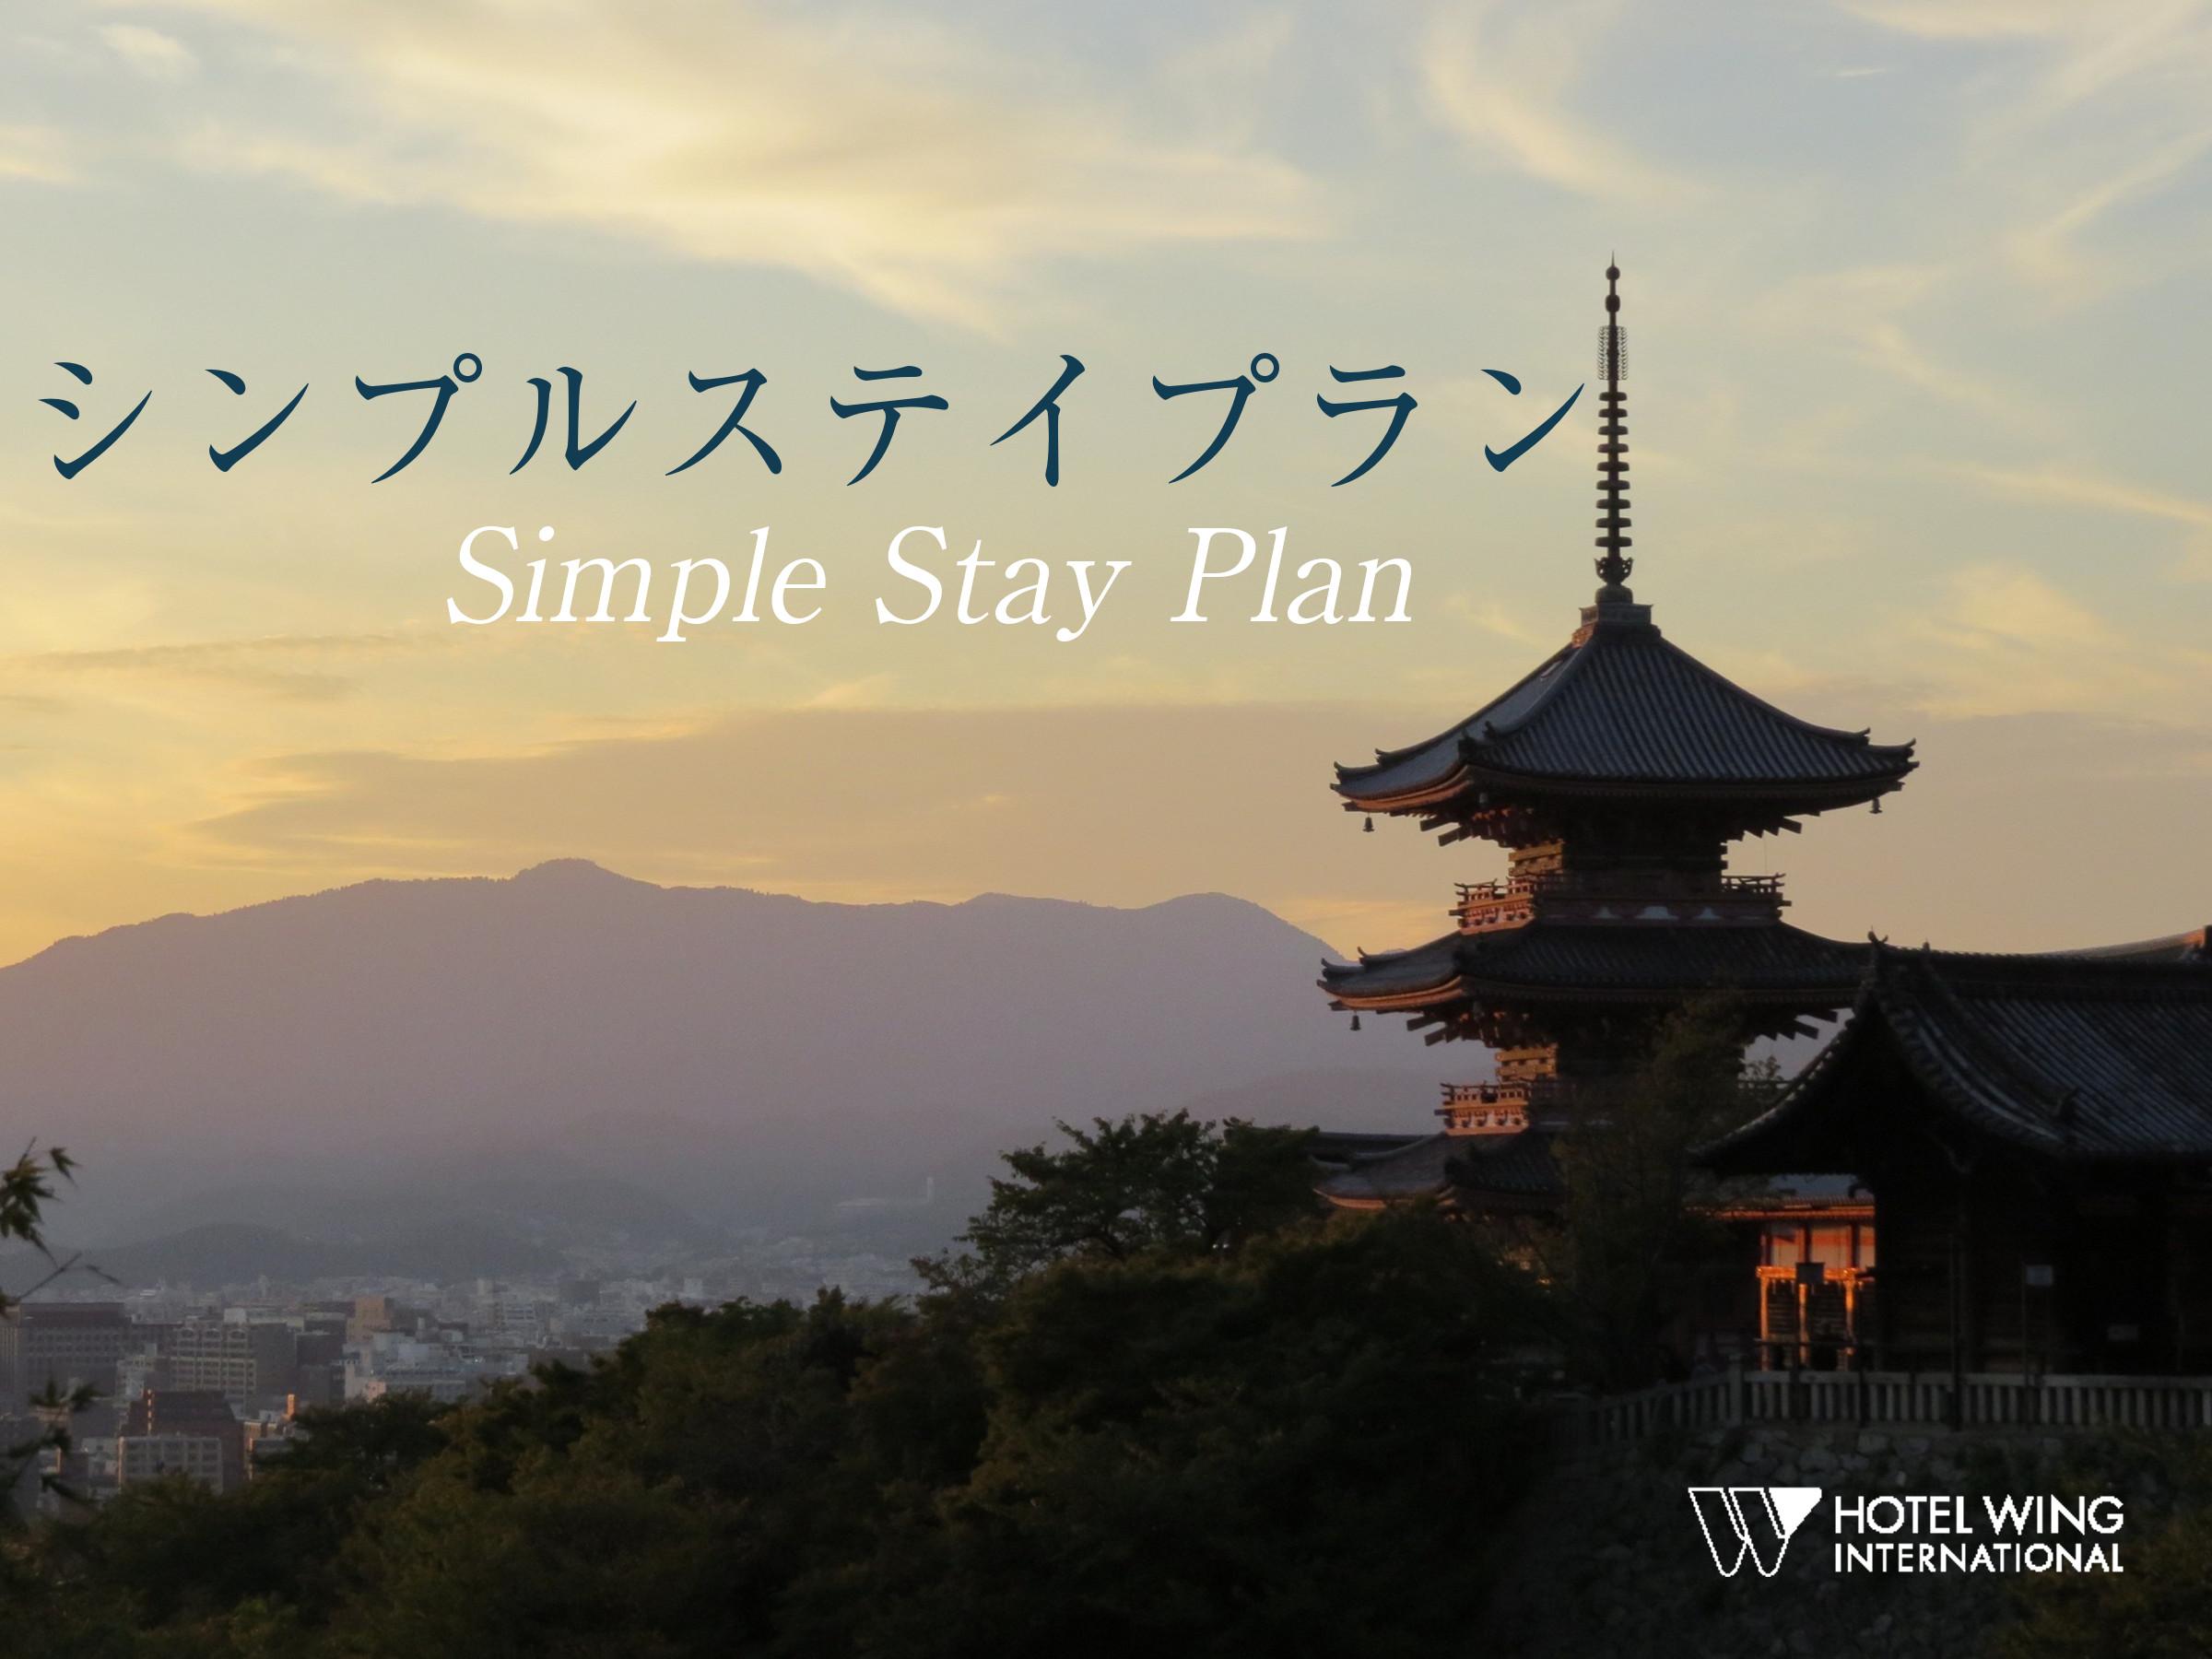 ホテルウィングインターナショナル京都四条烏丸 / 【朝食付き】シンプルステイプラン